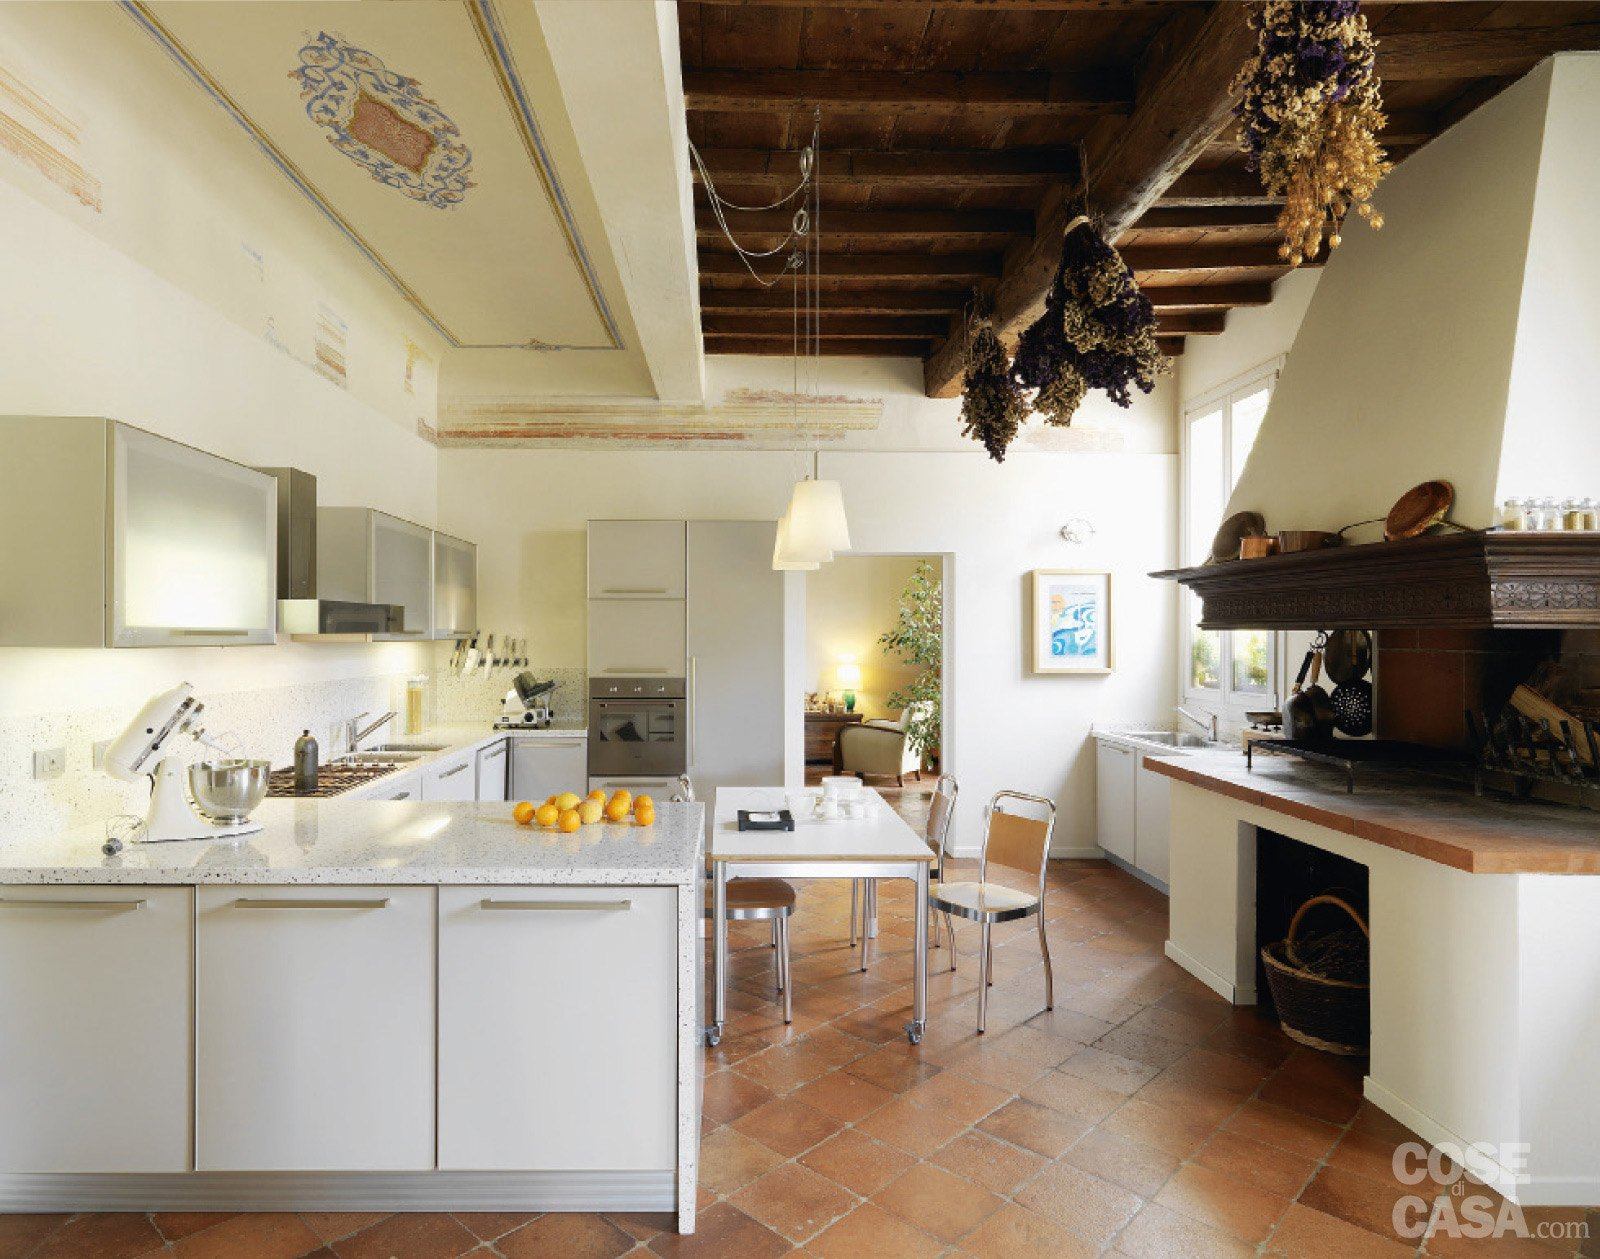 mobili da cucina antichi : Casa classica. Con finiture e mobili depoca ...